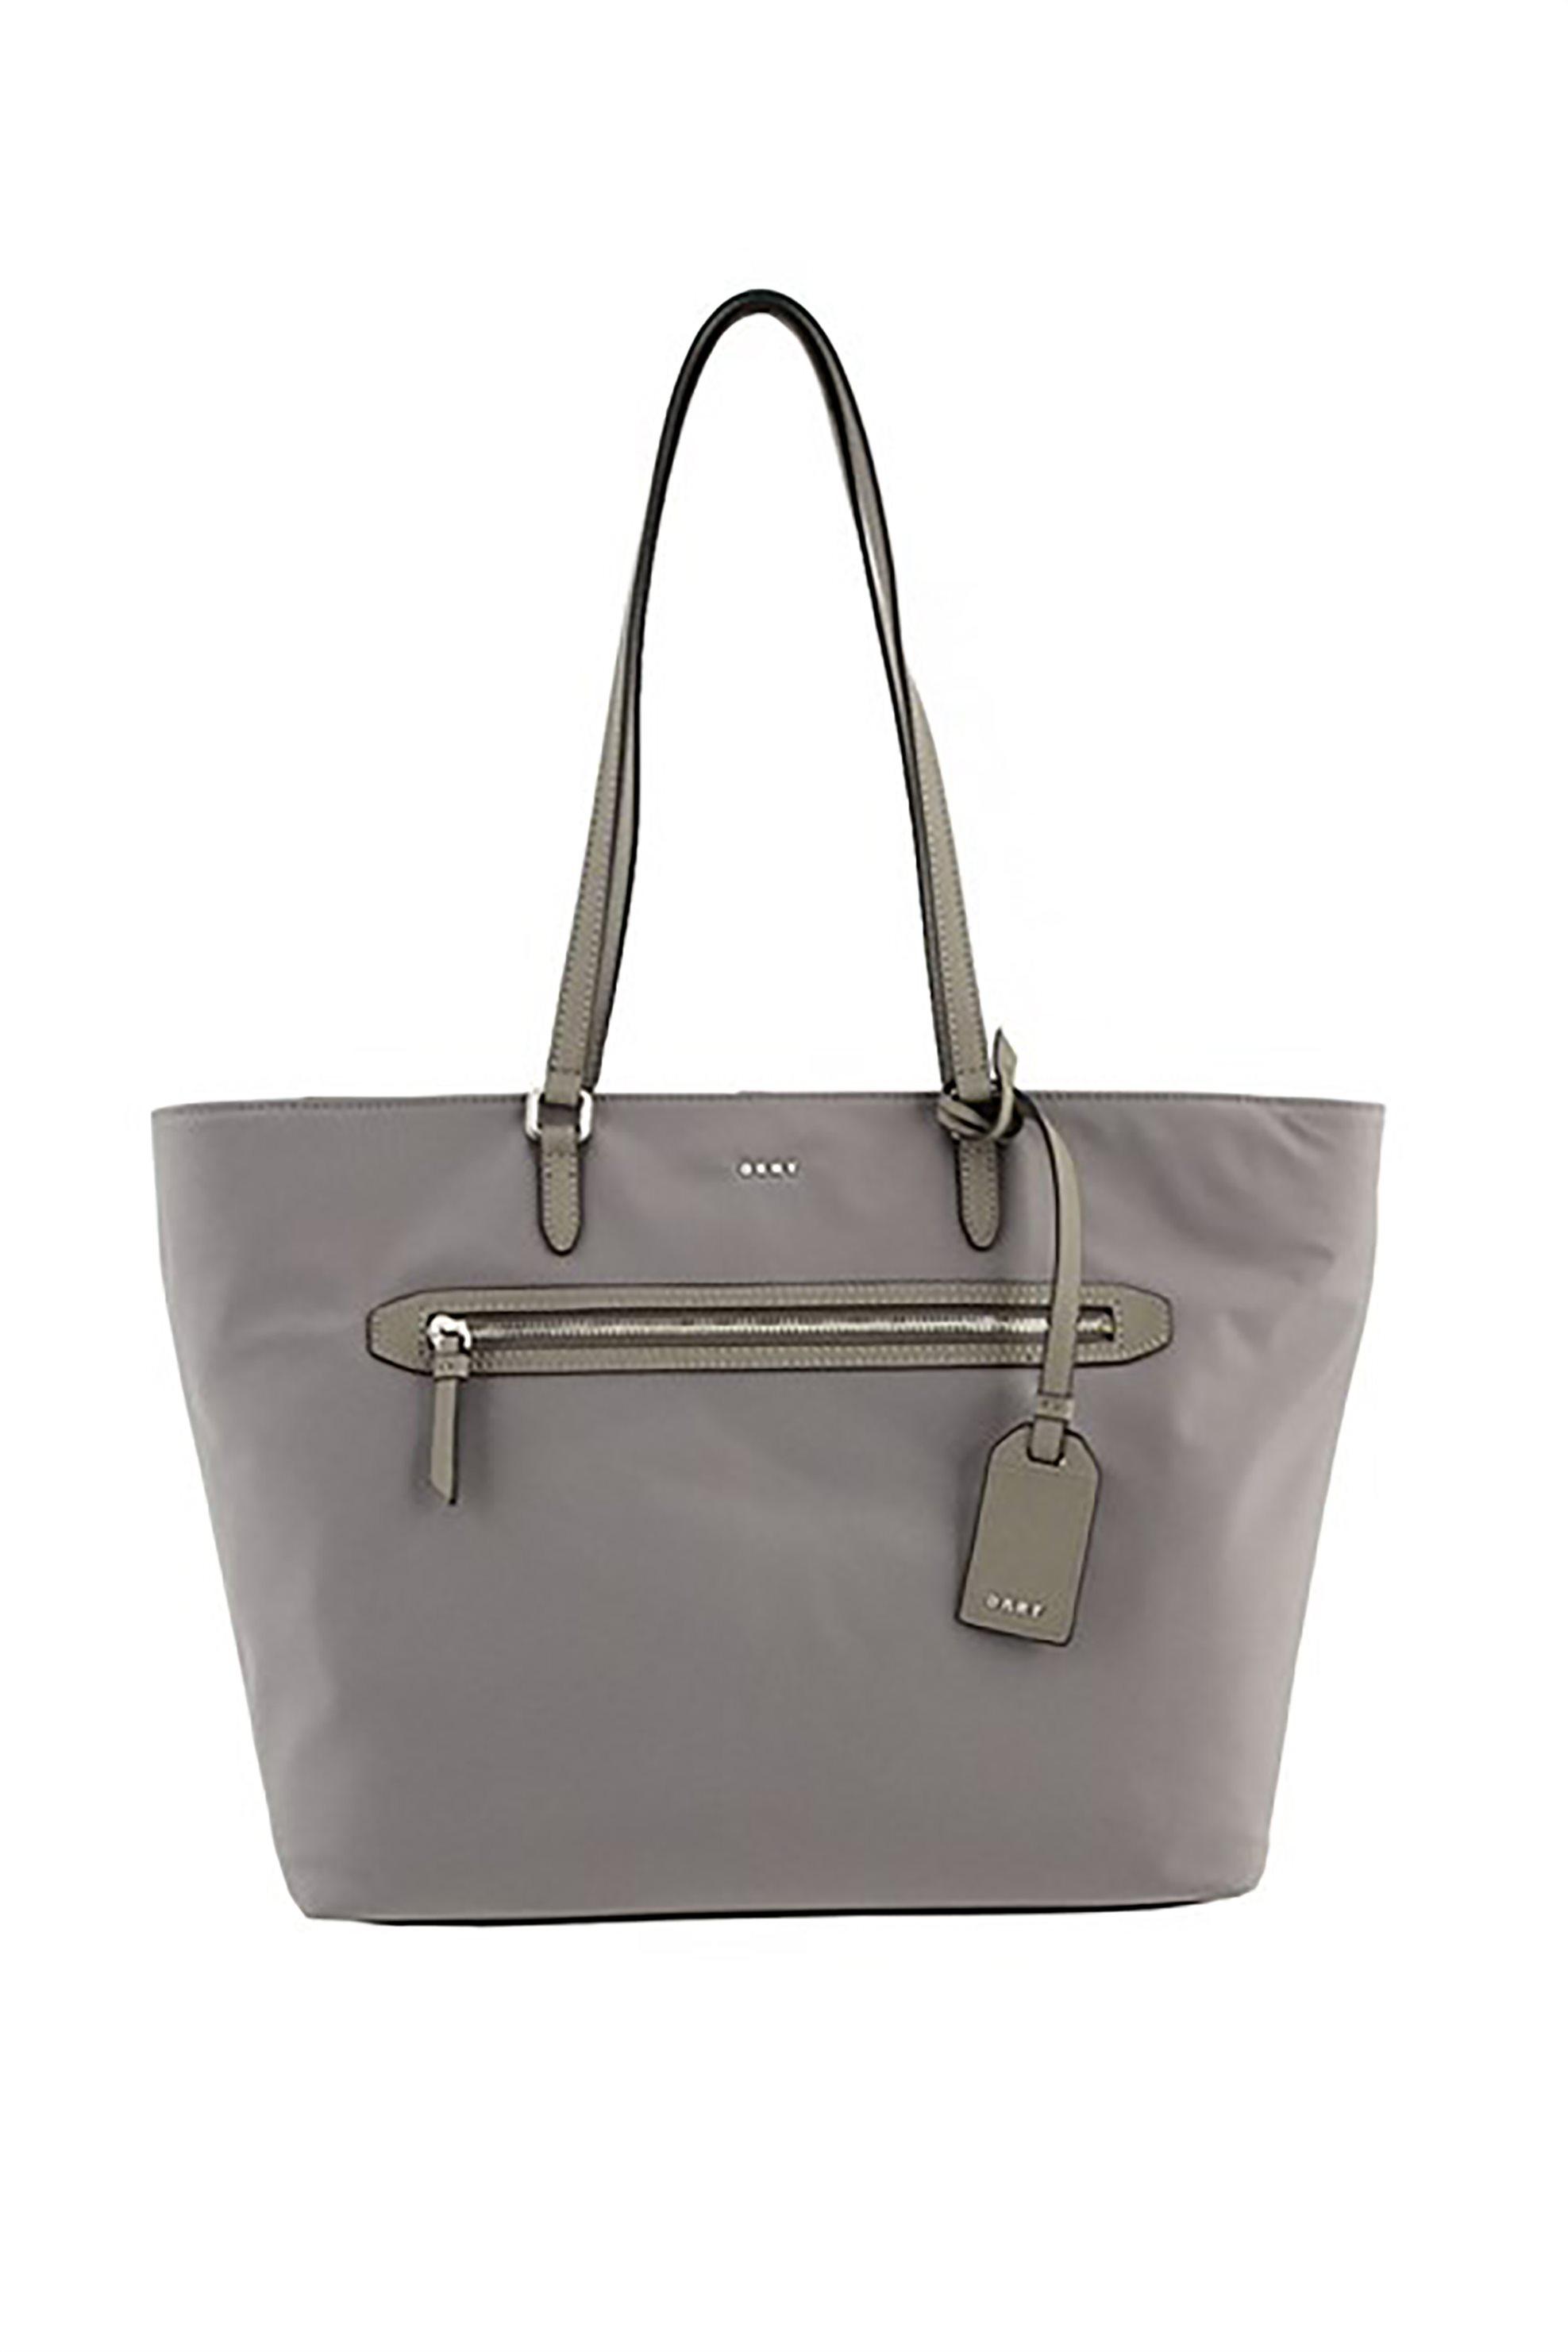 2f5352f544 DKNY γυναικεία τσάντα ώμου Casey - R81AE591 - Γκρι